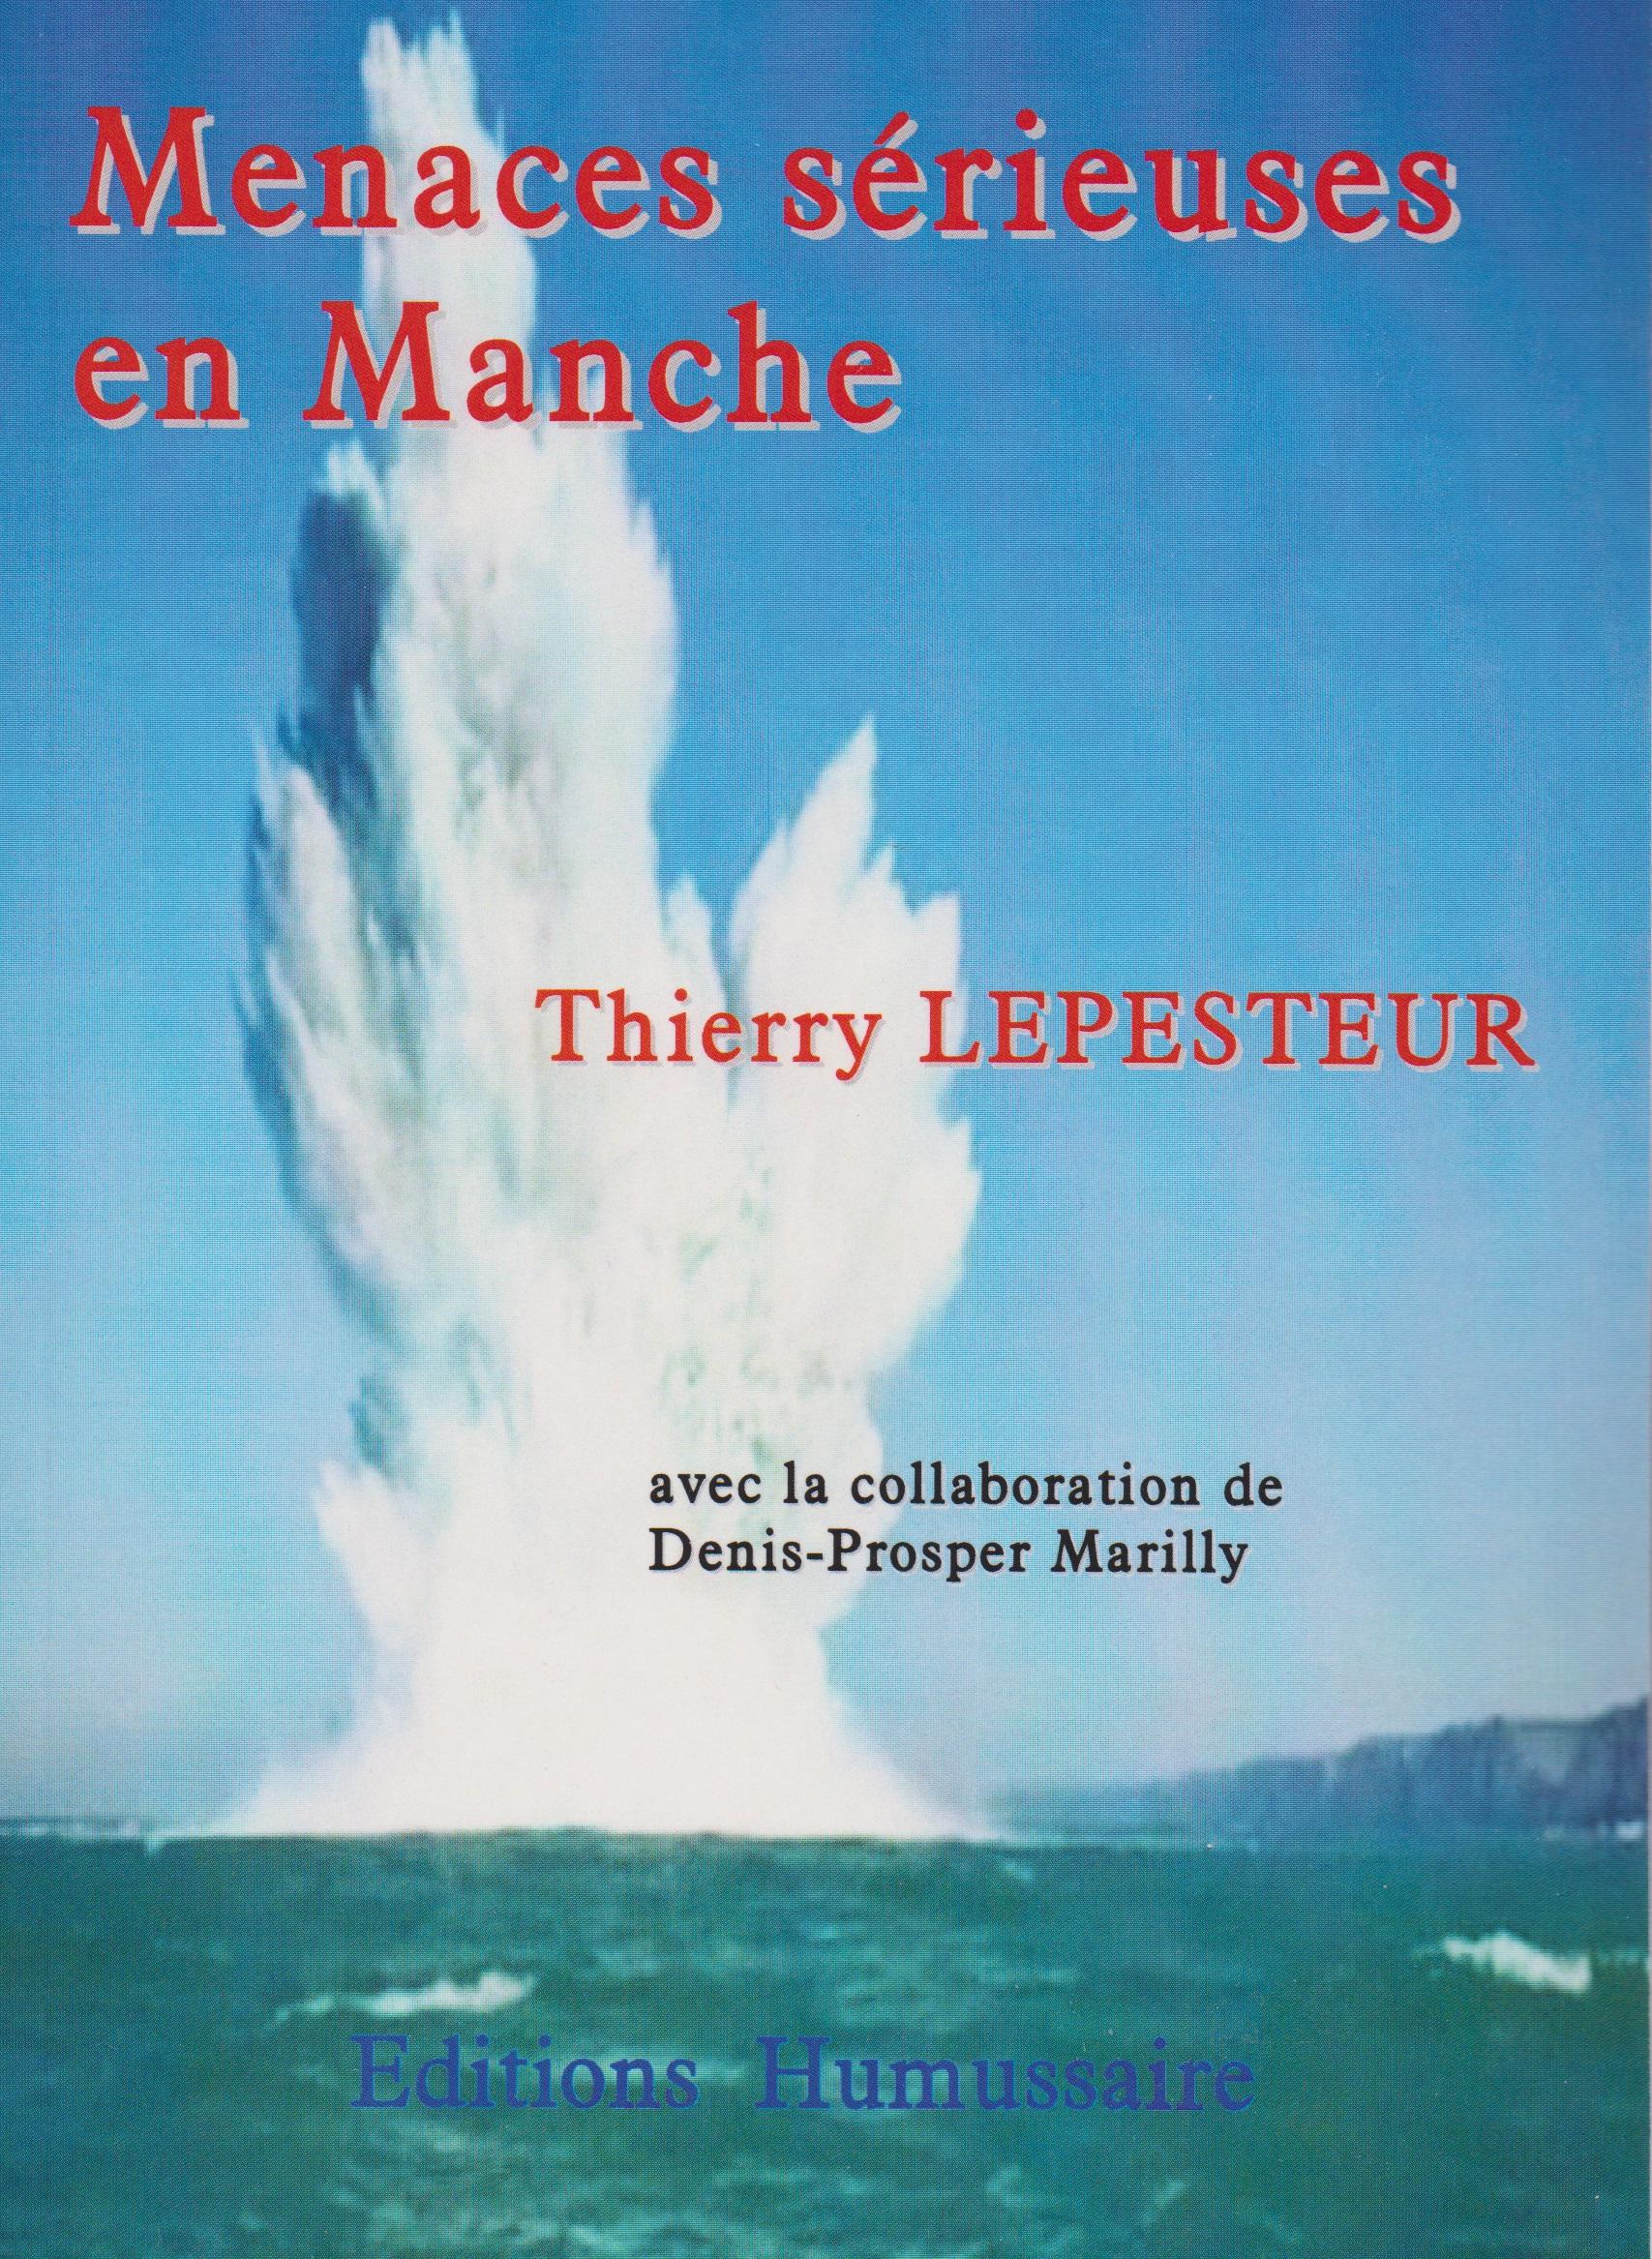 Menaces sérieuses en Manche - Thierry LEPESTEUR avec la collaboration de Denis-Prosper Marilly